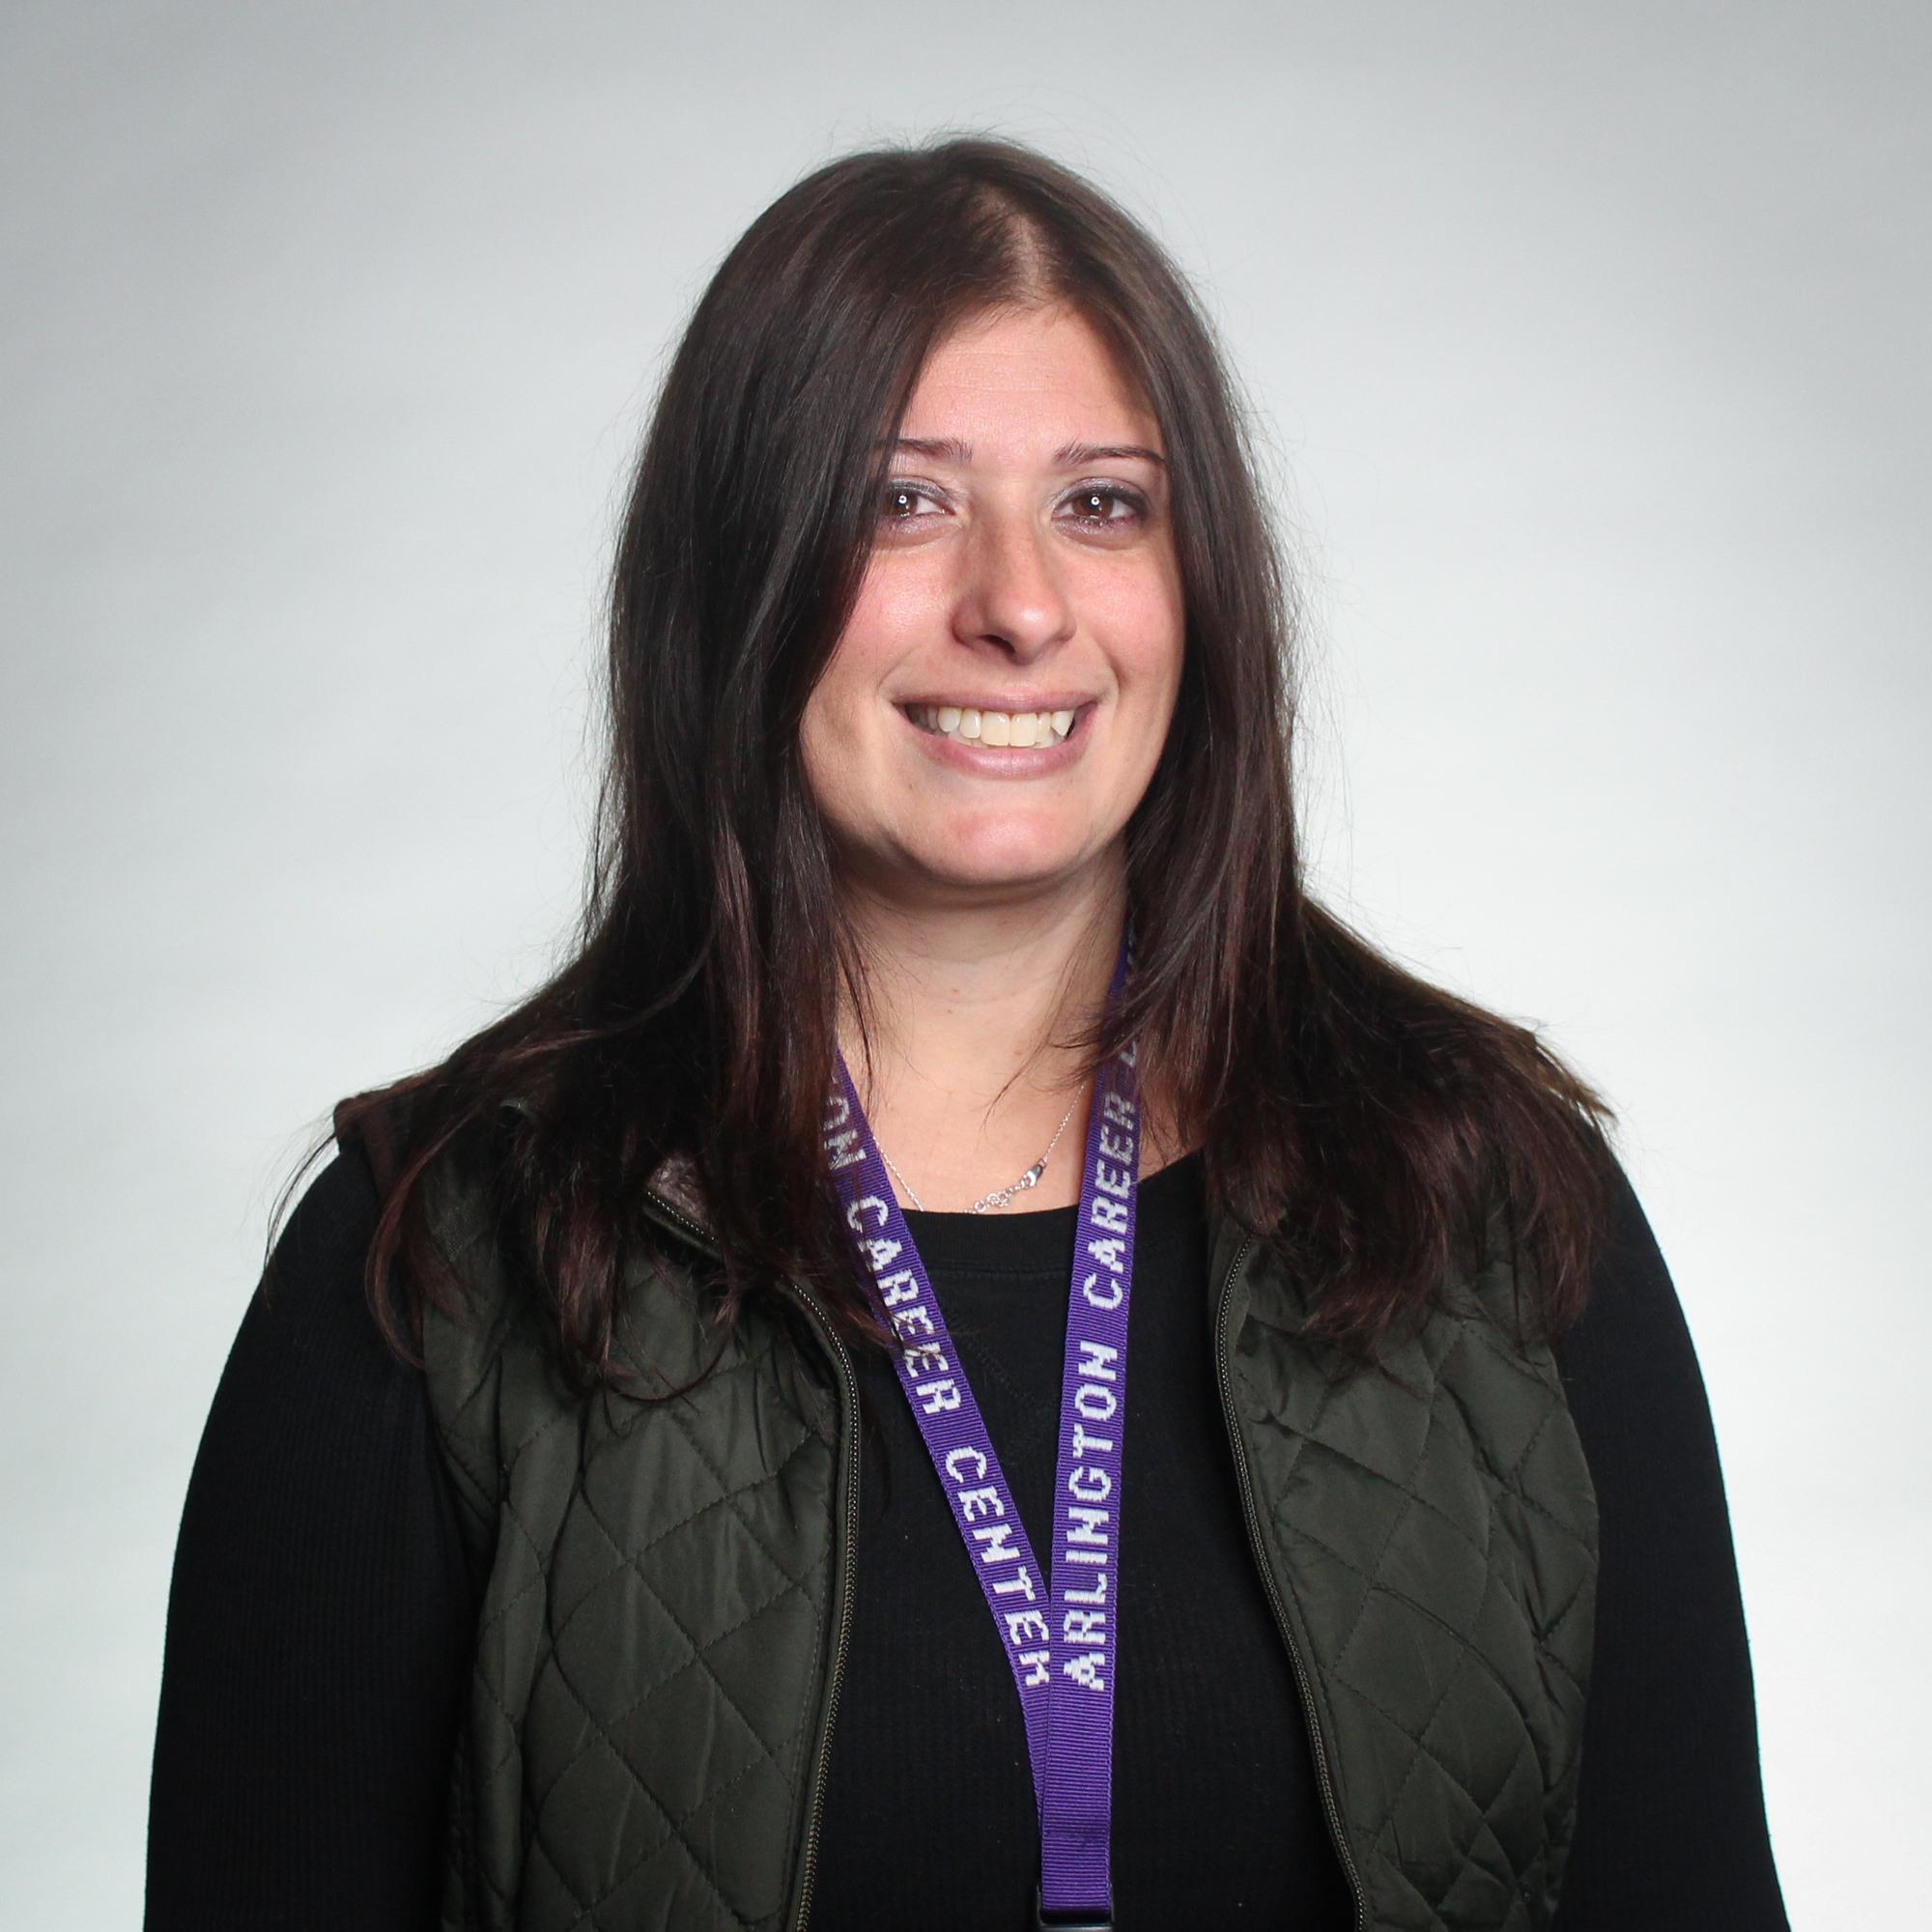 Ms. Krystina Lange